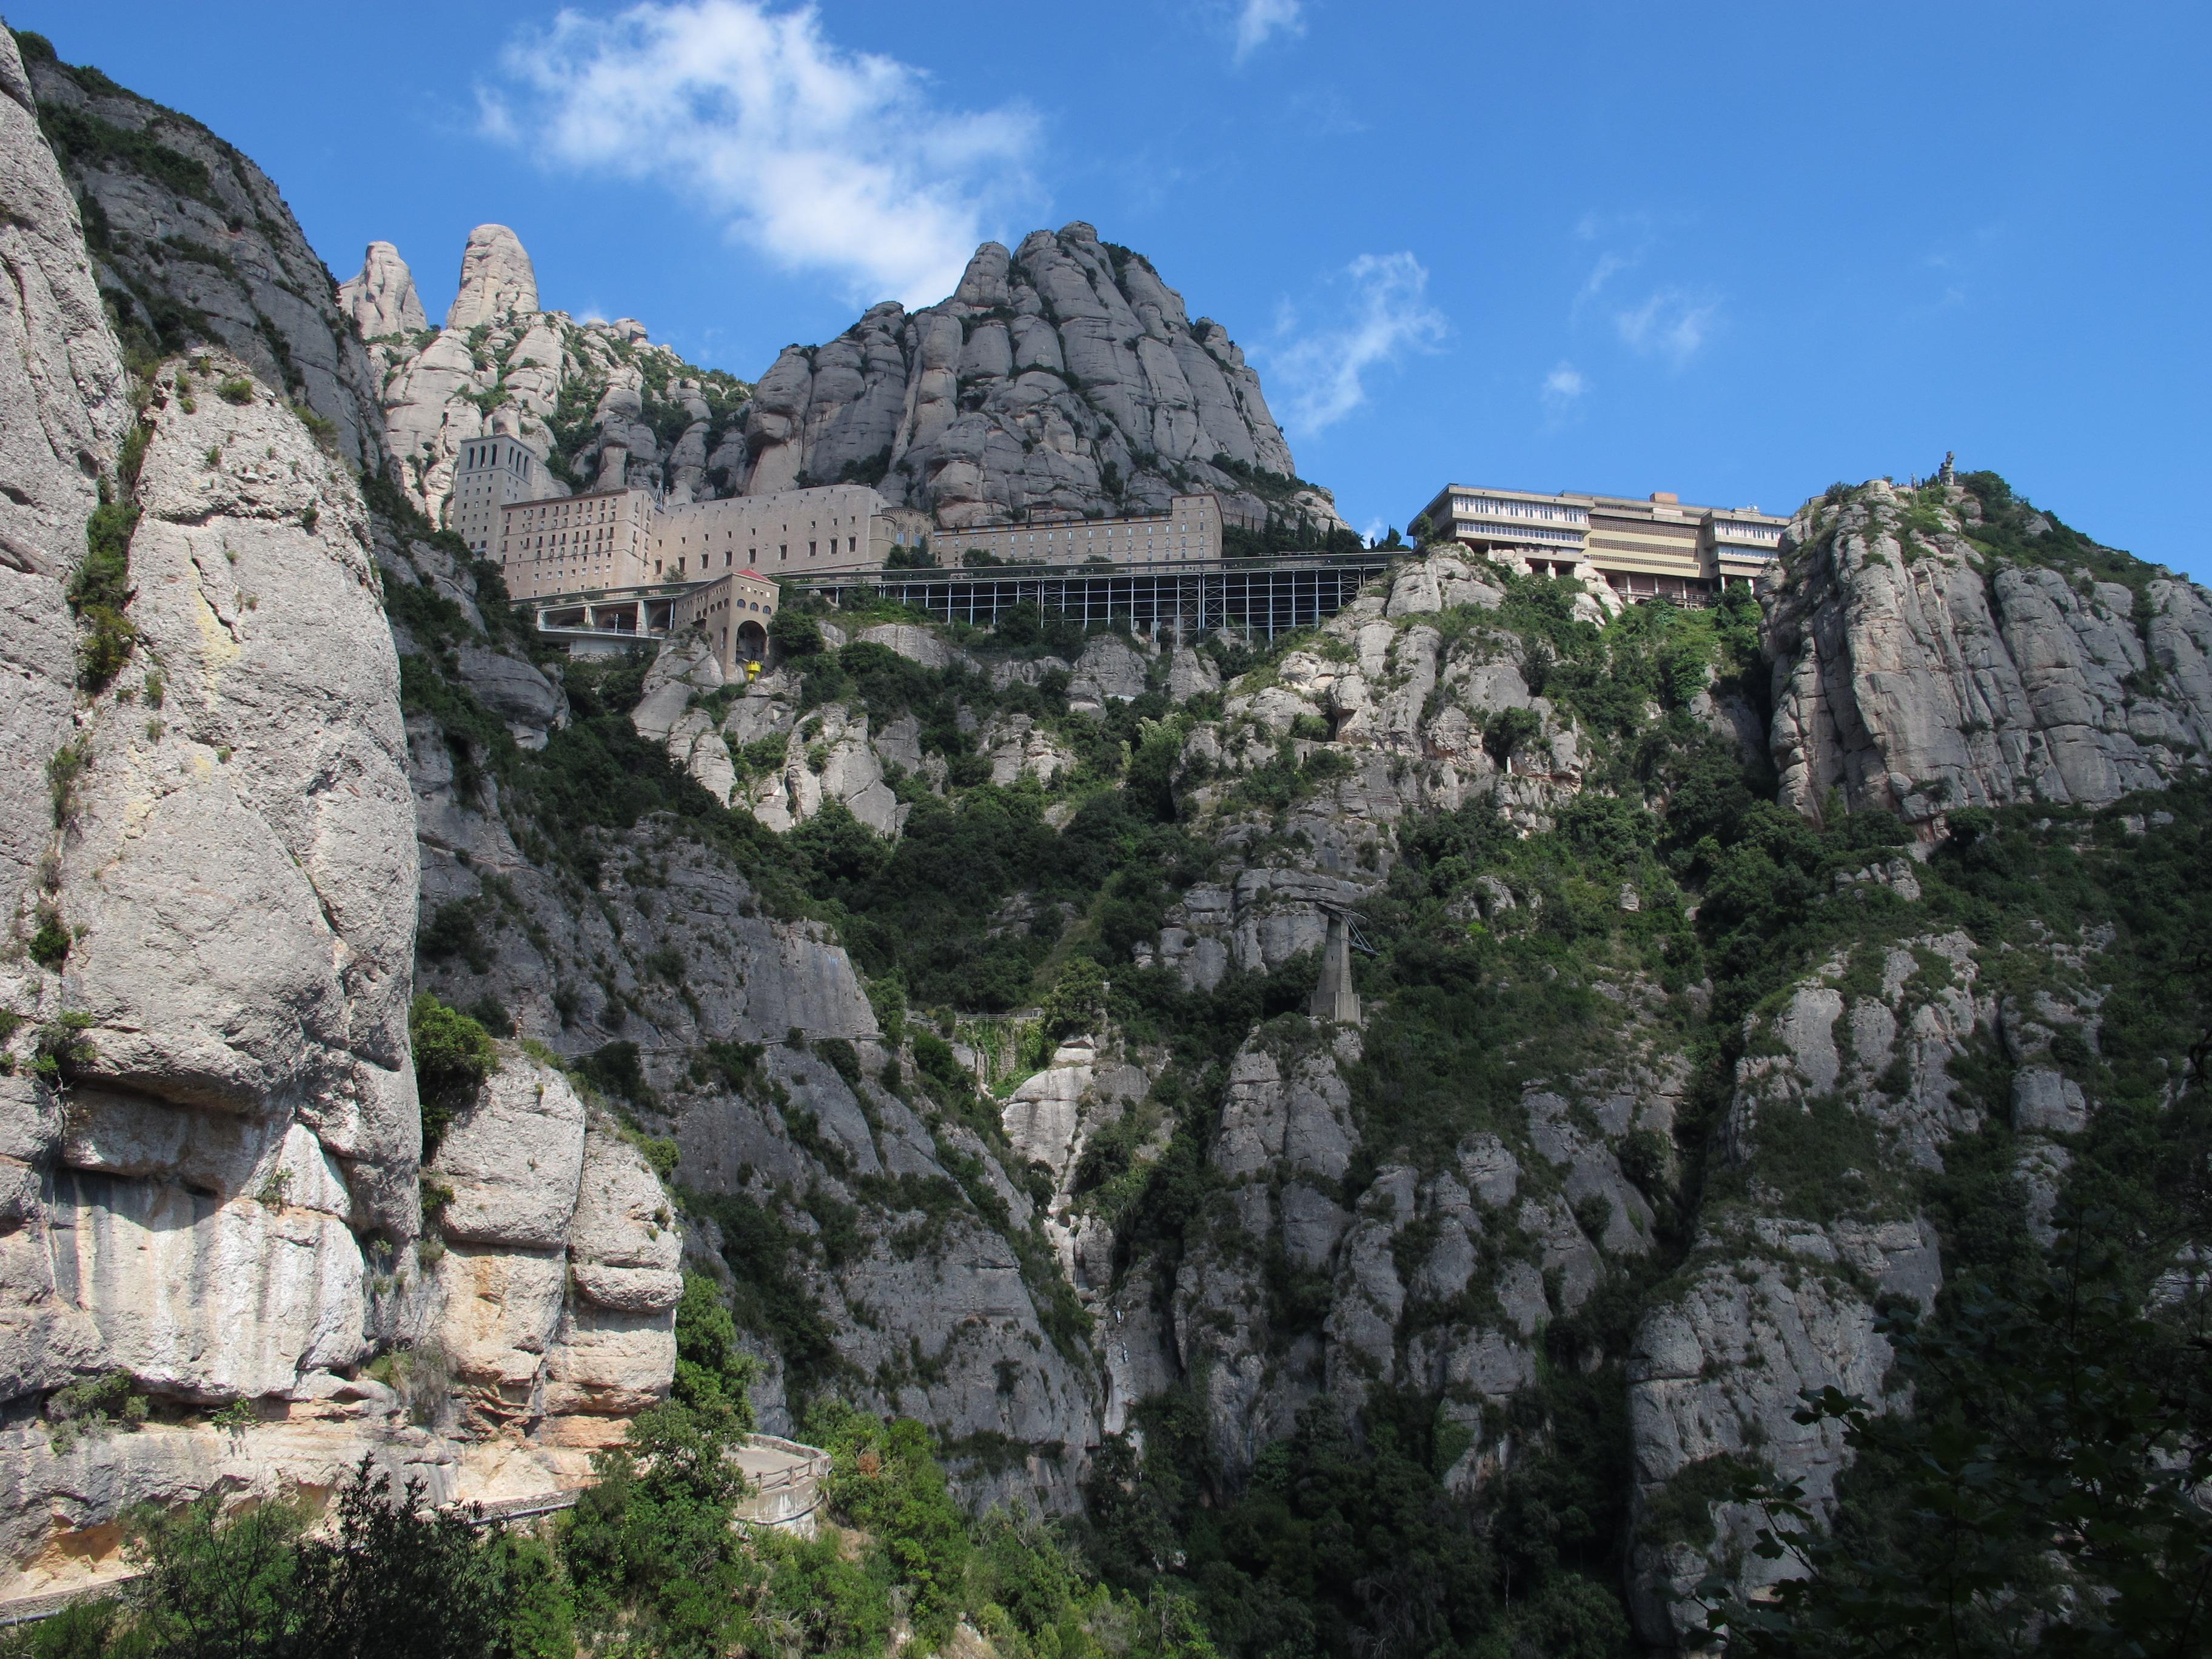 Les plaques commemoratives de Ballets de Catalunya a Montserrat